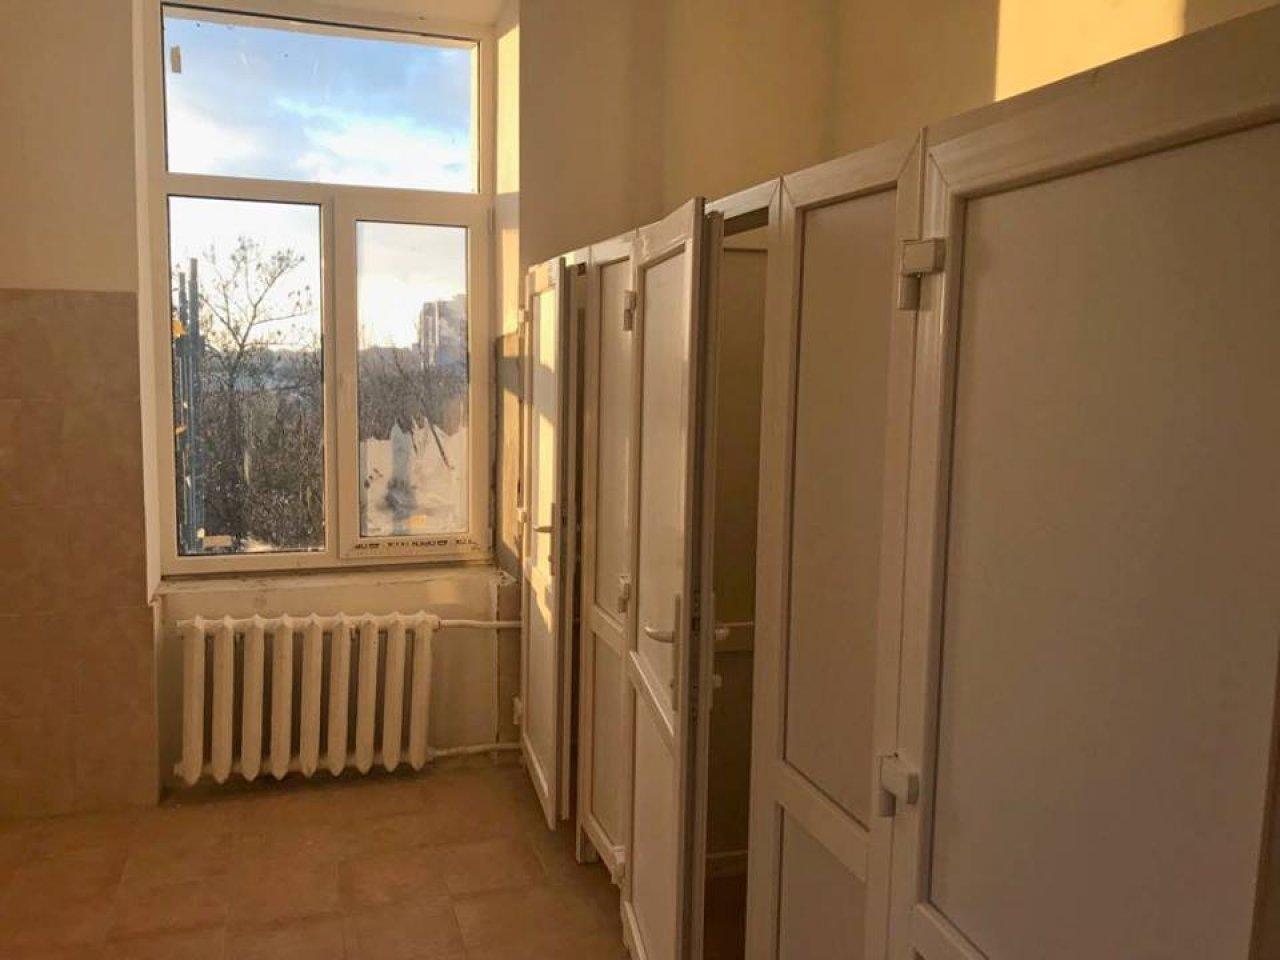 В Николаеве продолжает реконструкция школы-интерната №3 - стоимость работ превышает 27,6 млн грн, фото-1